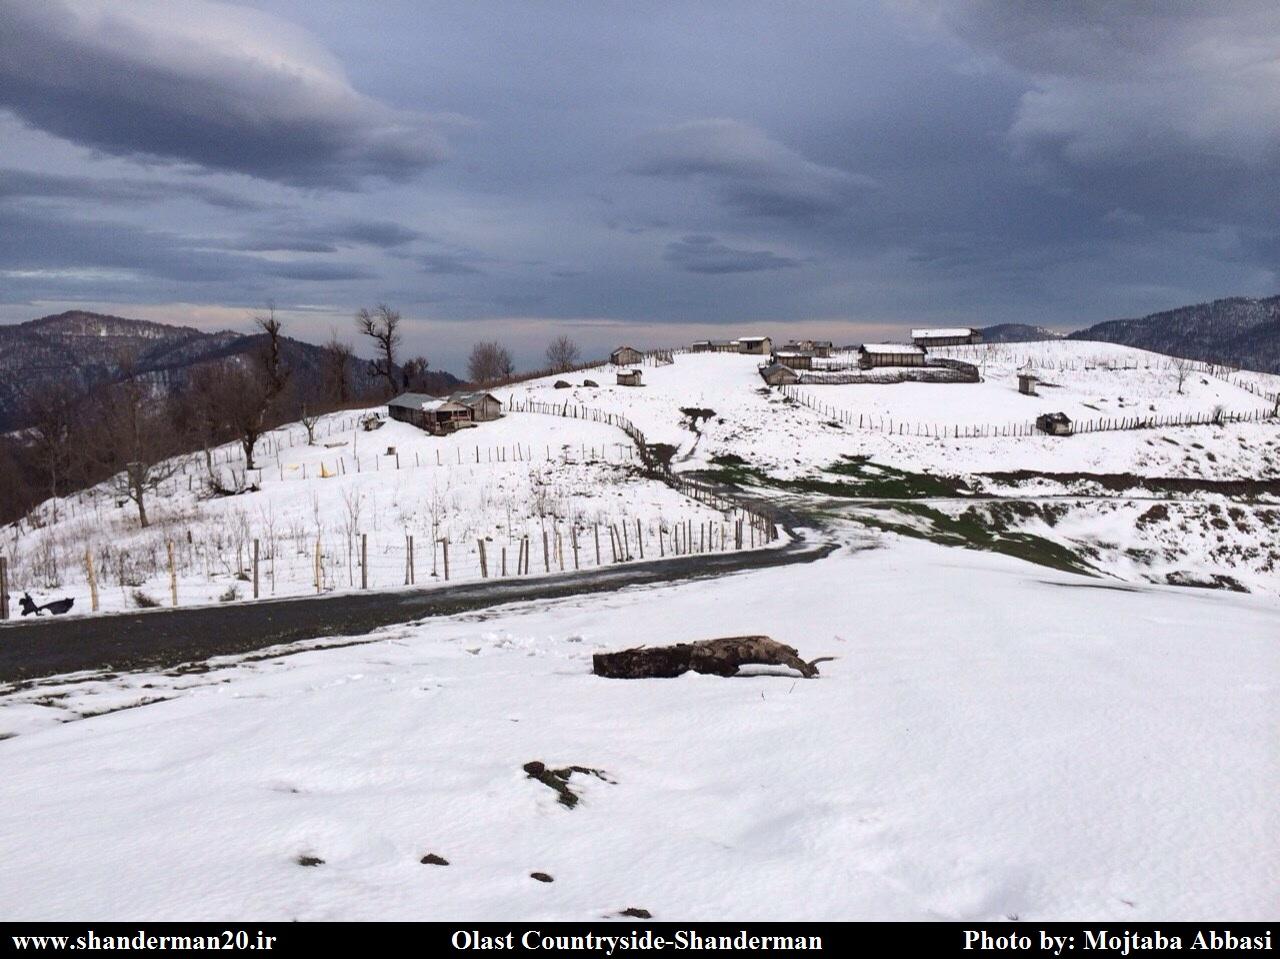 چشم اندازهای زیبای زمستانی از ییلاقات و کوهستانهای شاندرمن (سری یک)